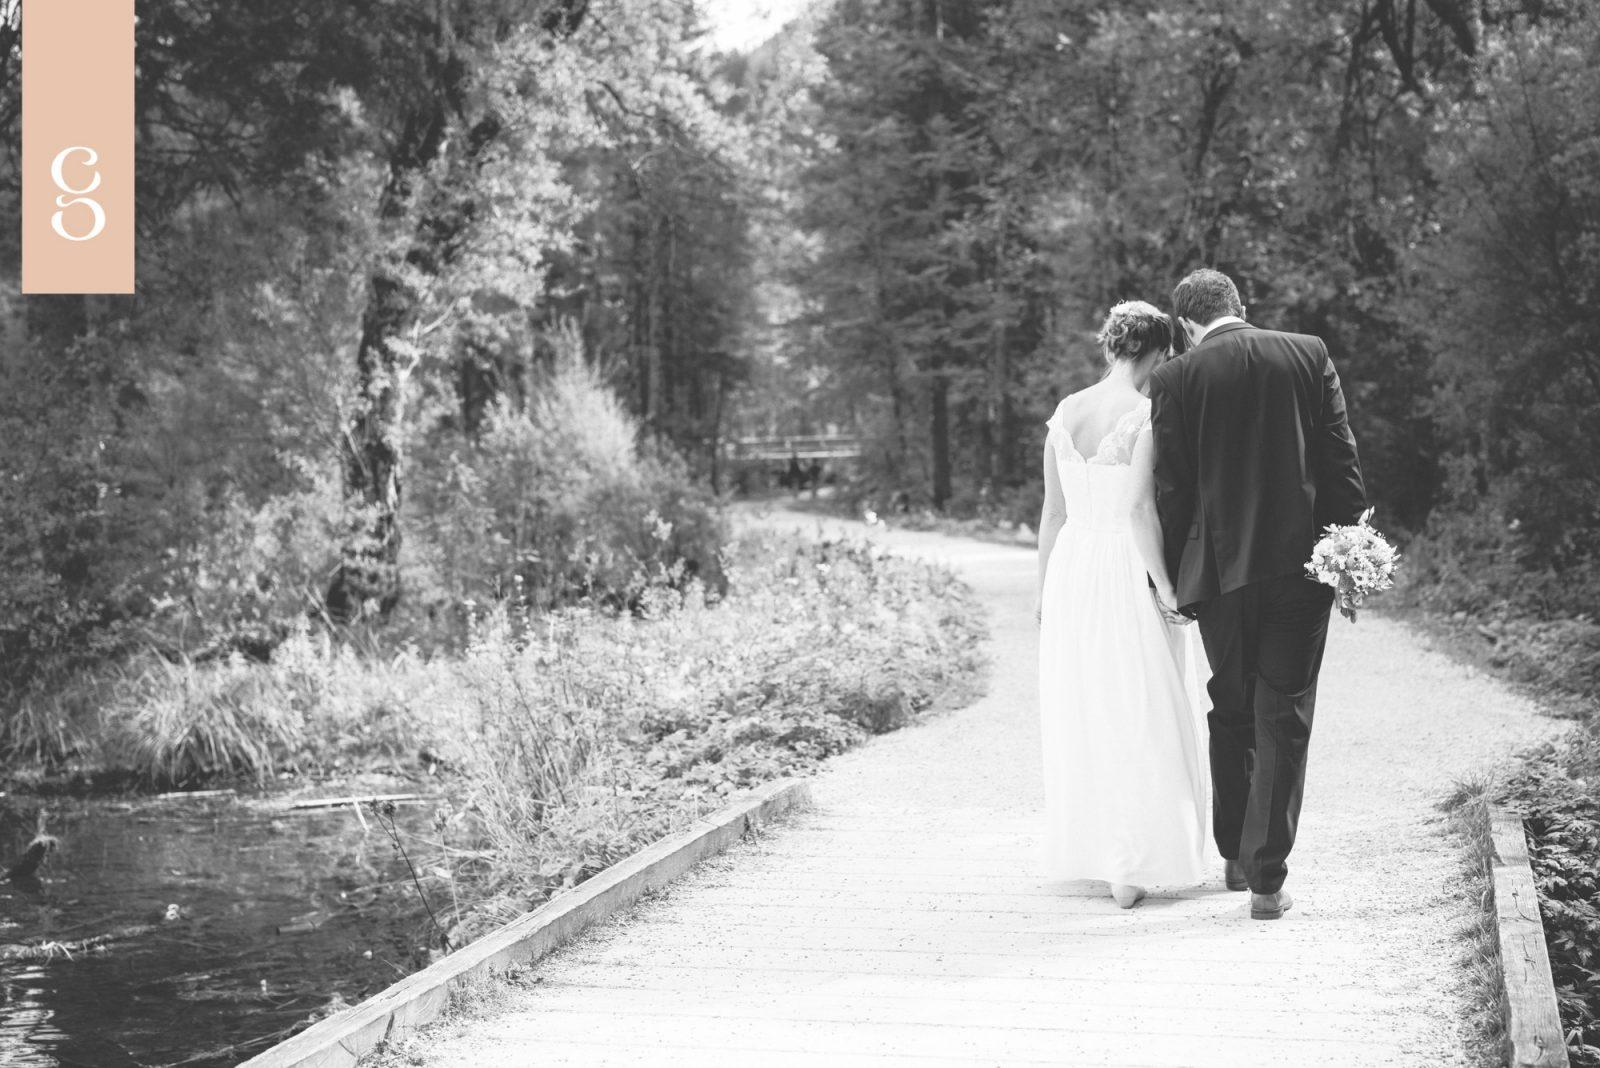 Fotograf_Goettges_Hochzeit_Wedding_Ramsau_Hintersee_Hirschbichl_Berchtesgaden_Hochzeitsfotograf-26